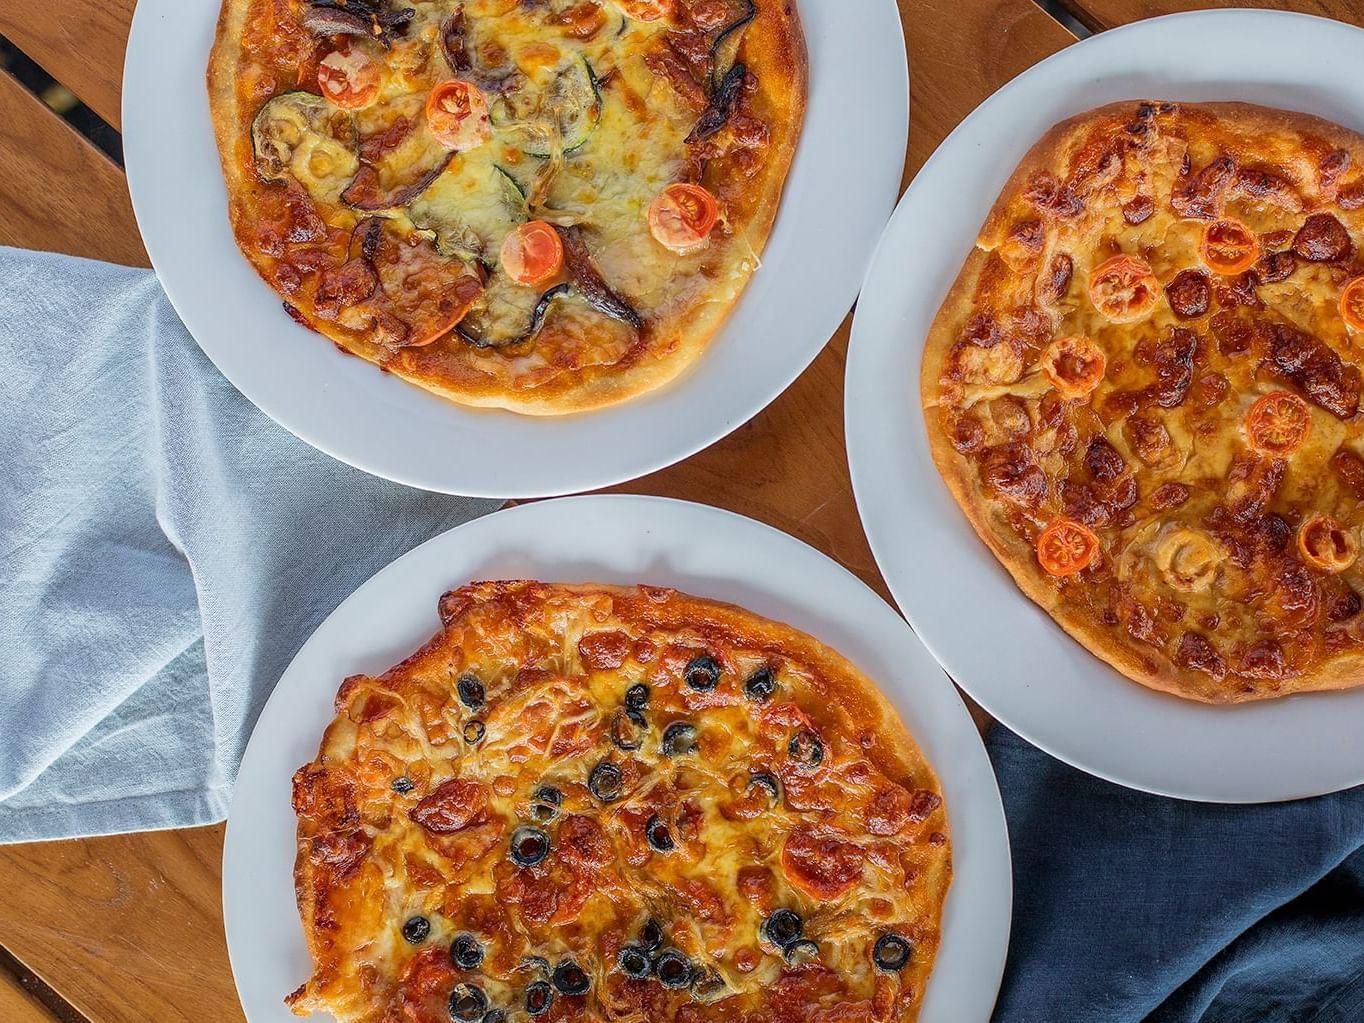 Pizza served in Inkstone Kitchen at Daydream Island Resort